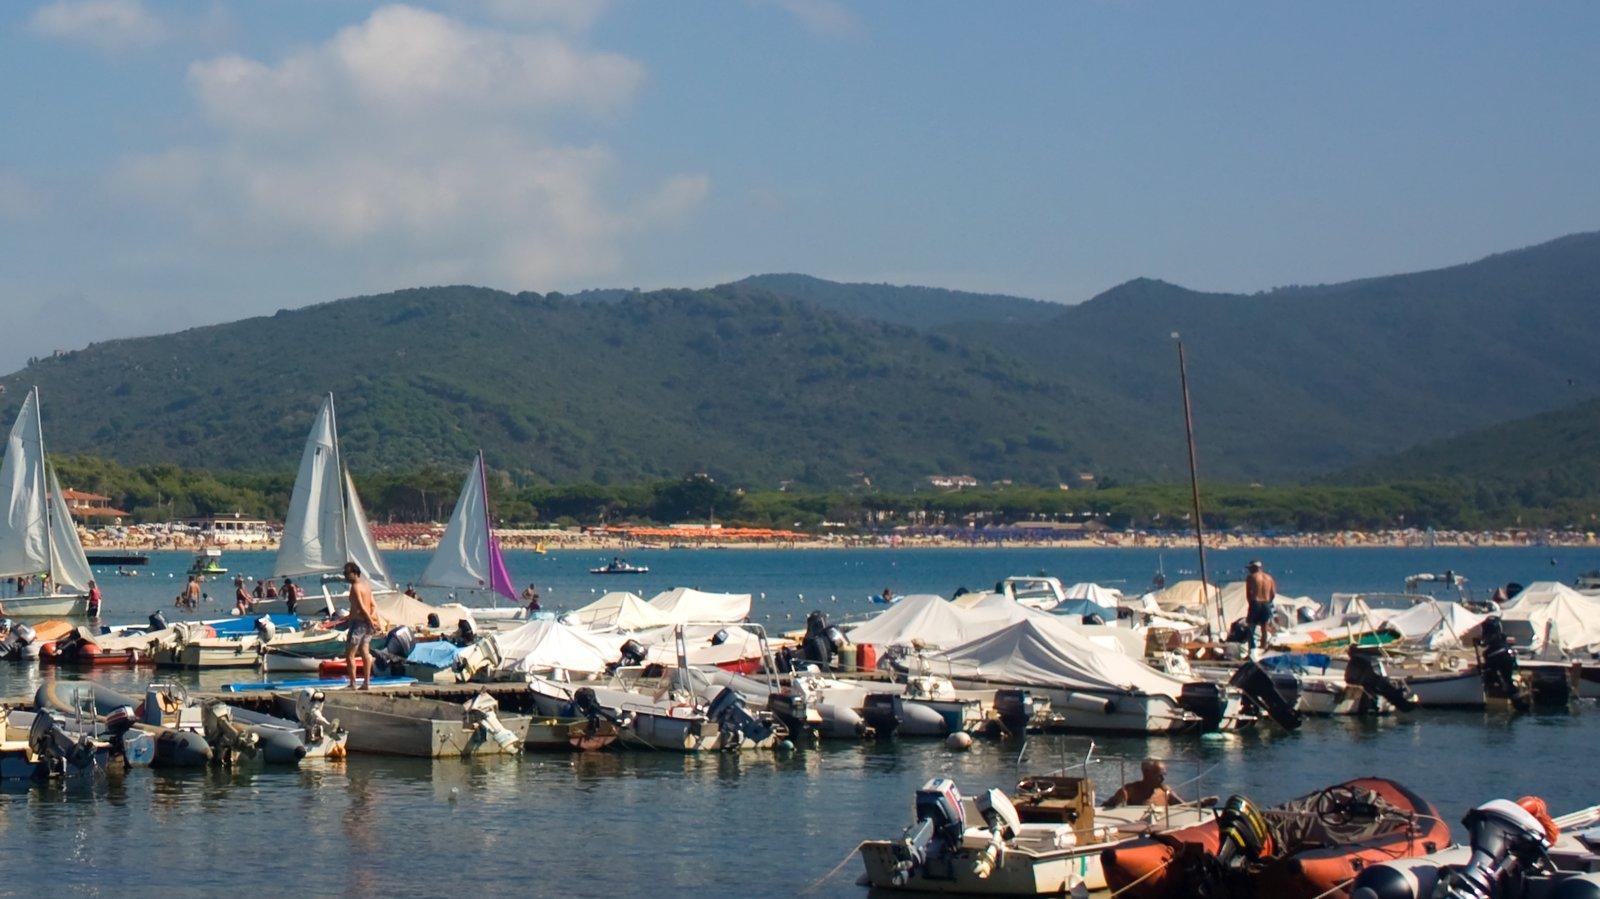 Marina di Campo which includes a bay or harbor